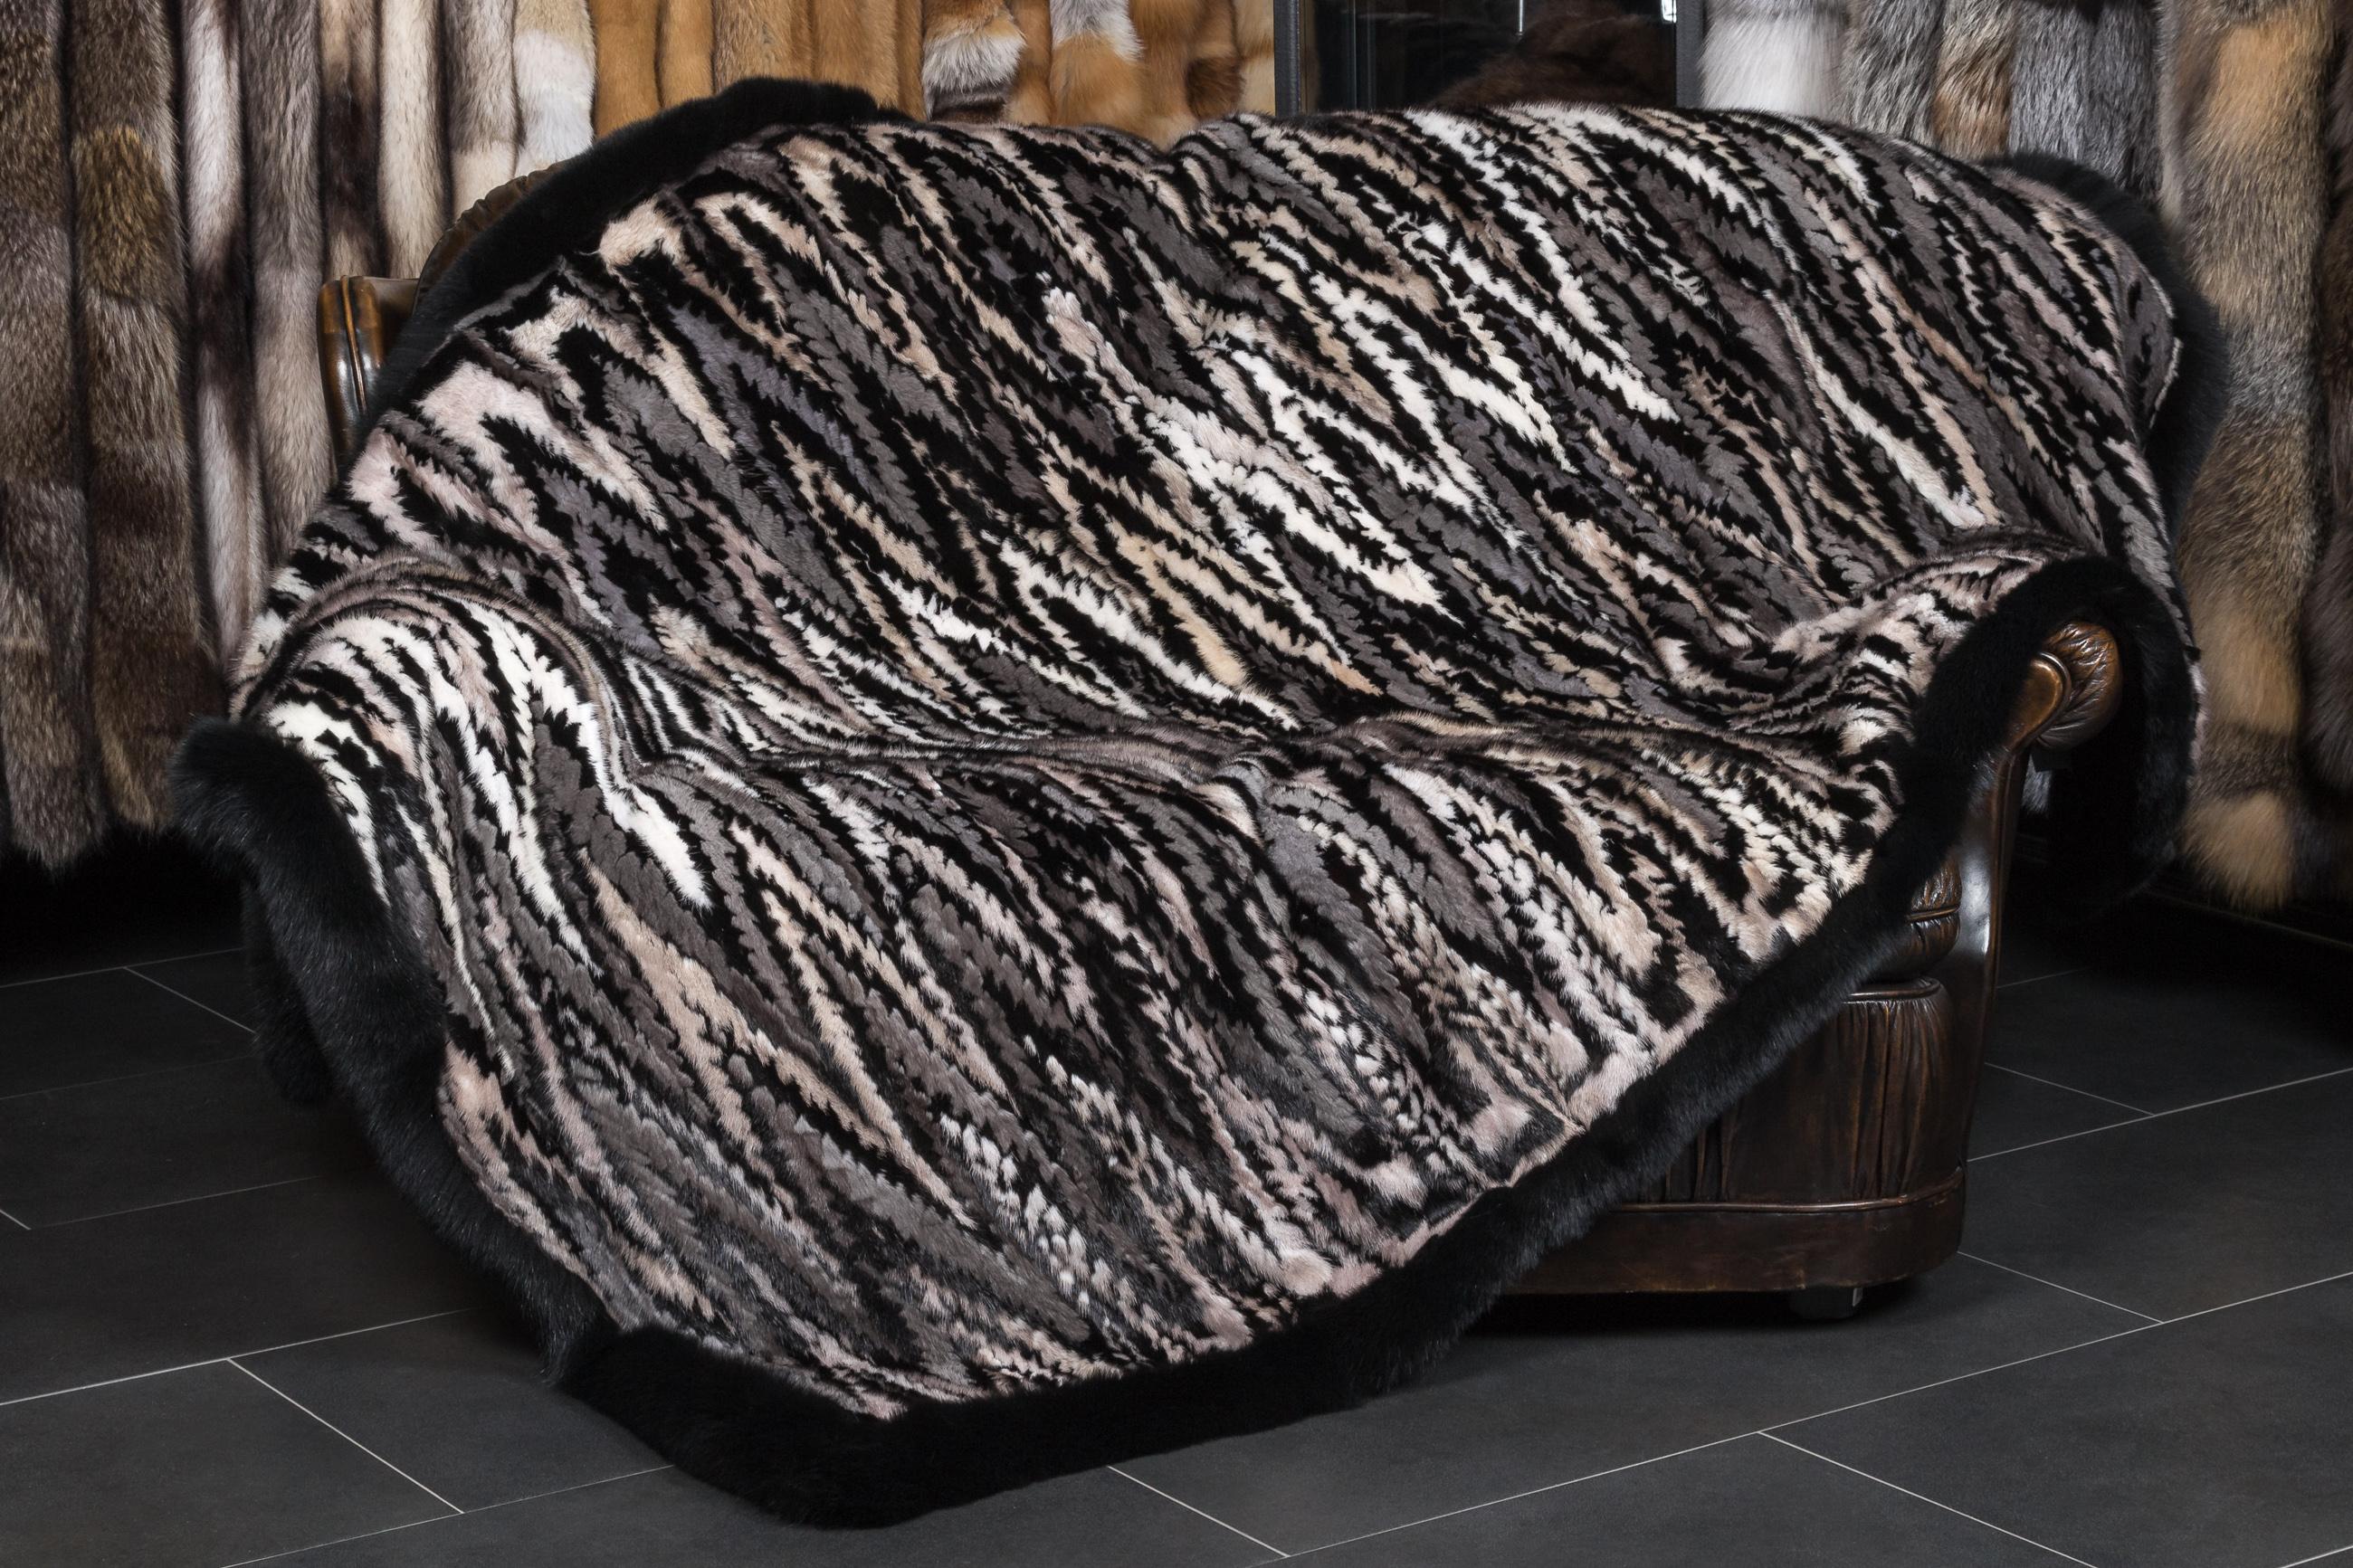 nerzseiten pelzdecke in ausgelassener verarbeitung. Black Bedroom Furniture Sets. Home Design Ideas